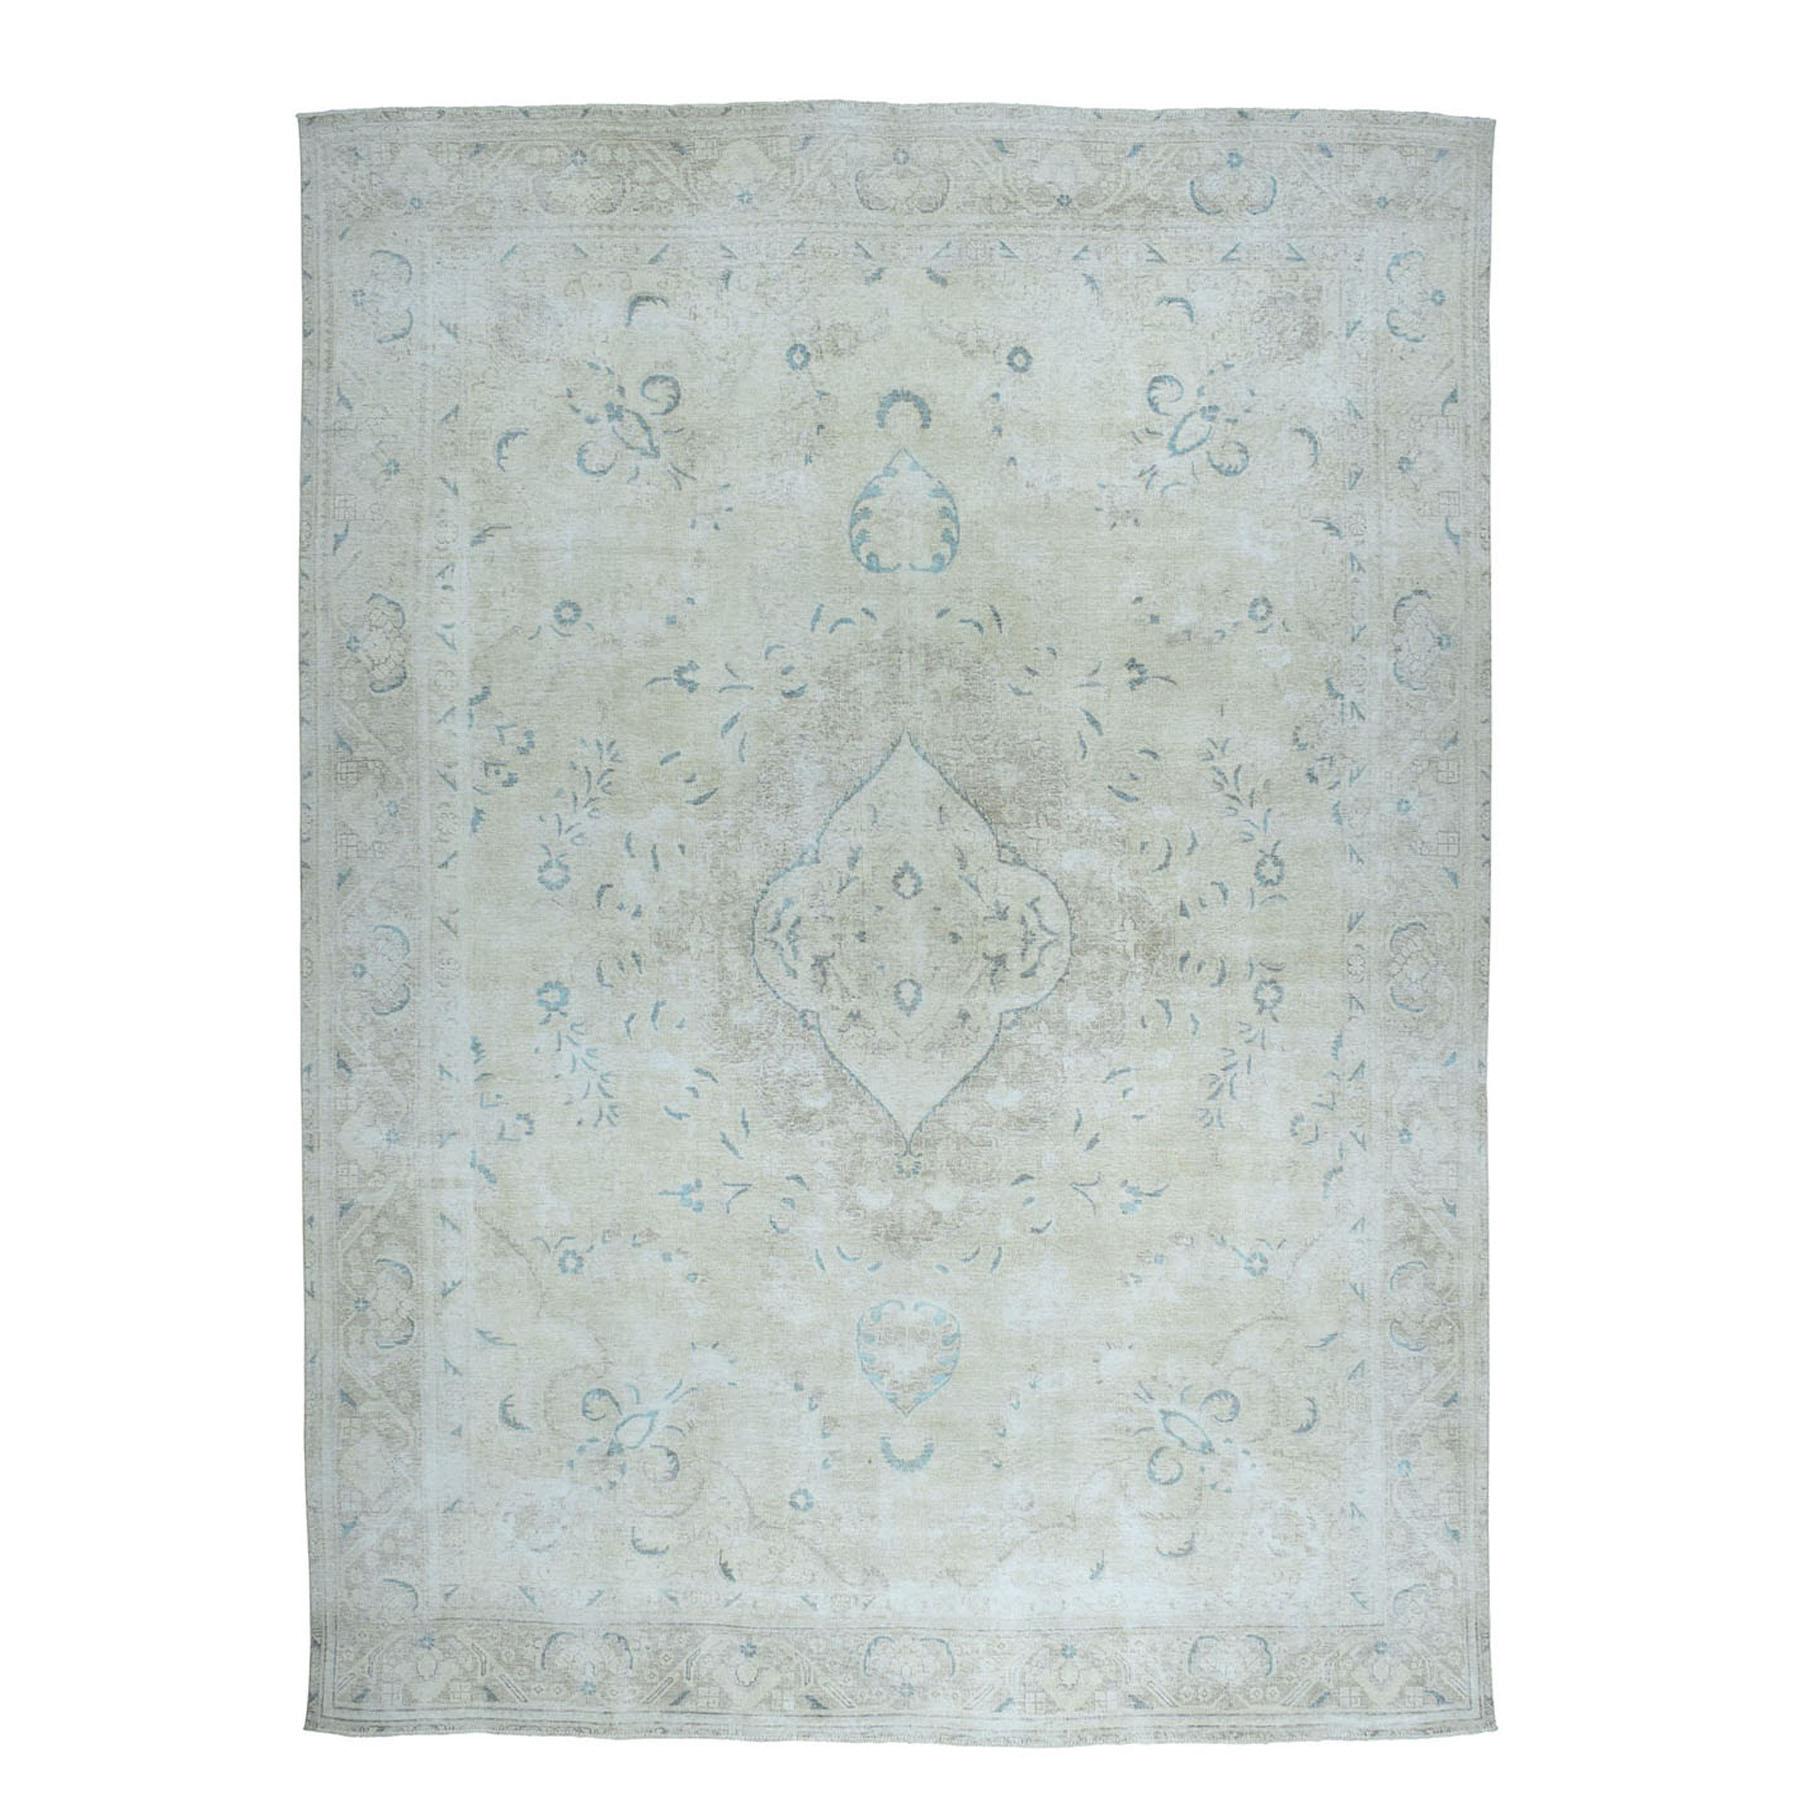 """9'5""""x12'3"""" Vintage White Wash Tabriz Worn Wool Hand-Knotted Oriental Rug"""